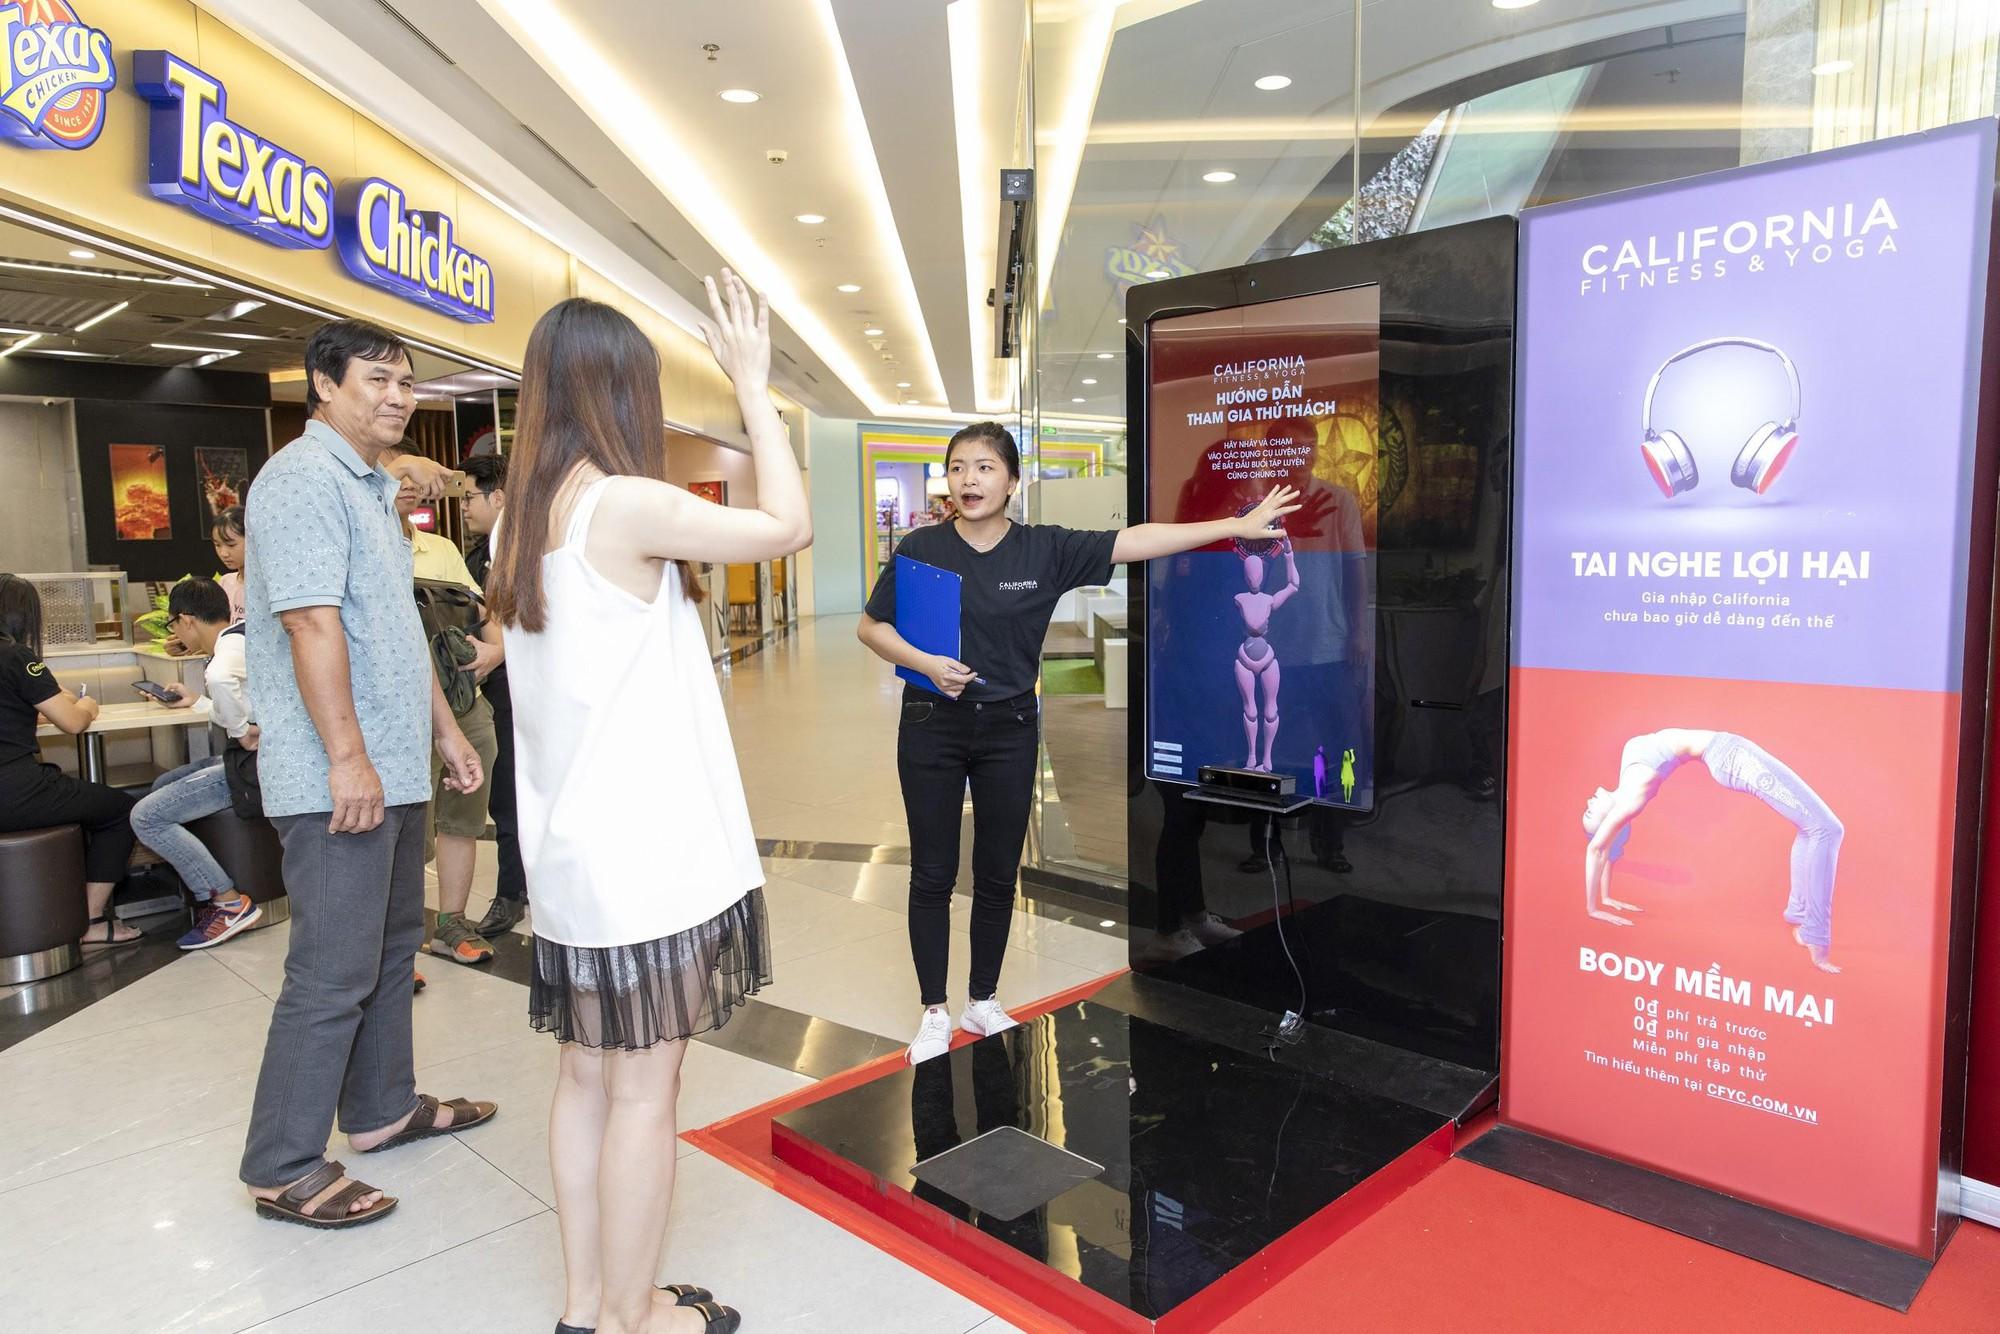 Sao Việt tò mò muốn biết lượng mỡ thừa với máy đo BMI công nghệ cao - Ảnh 2.